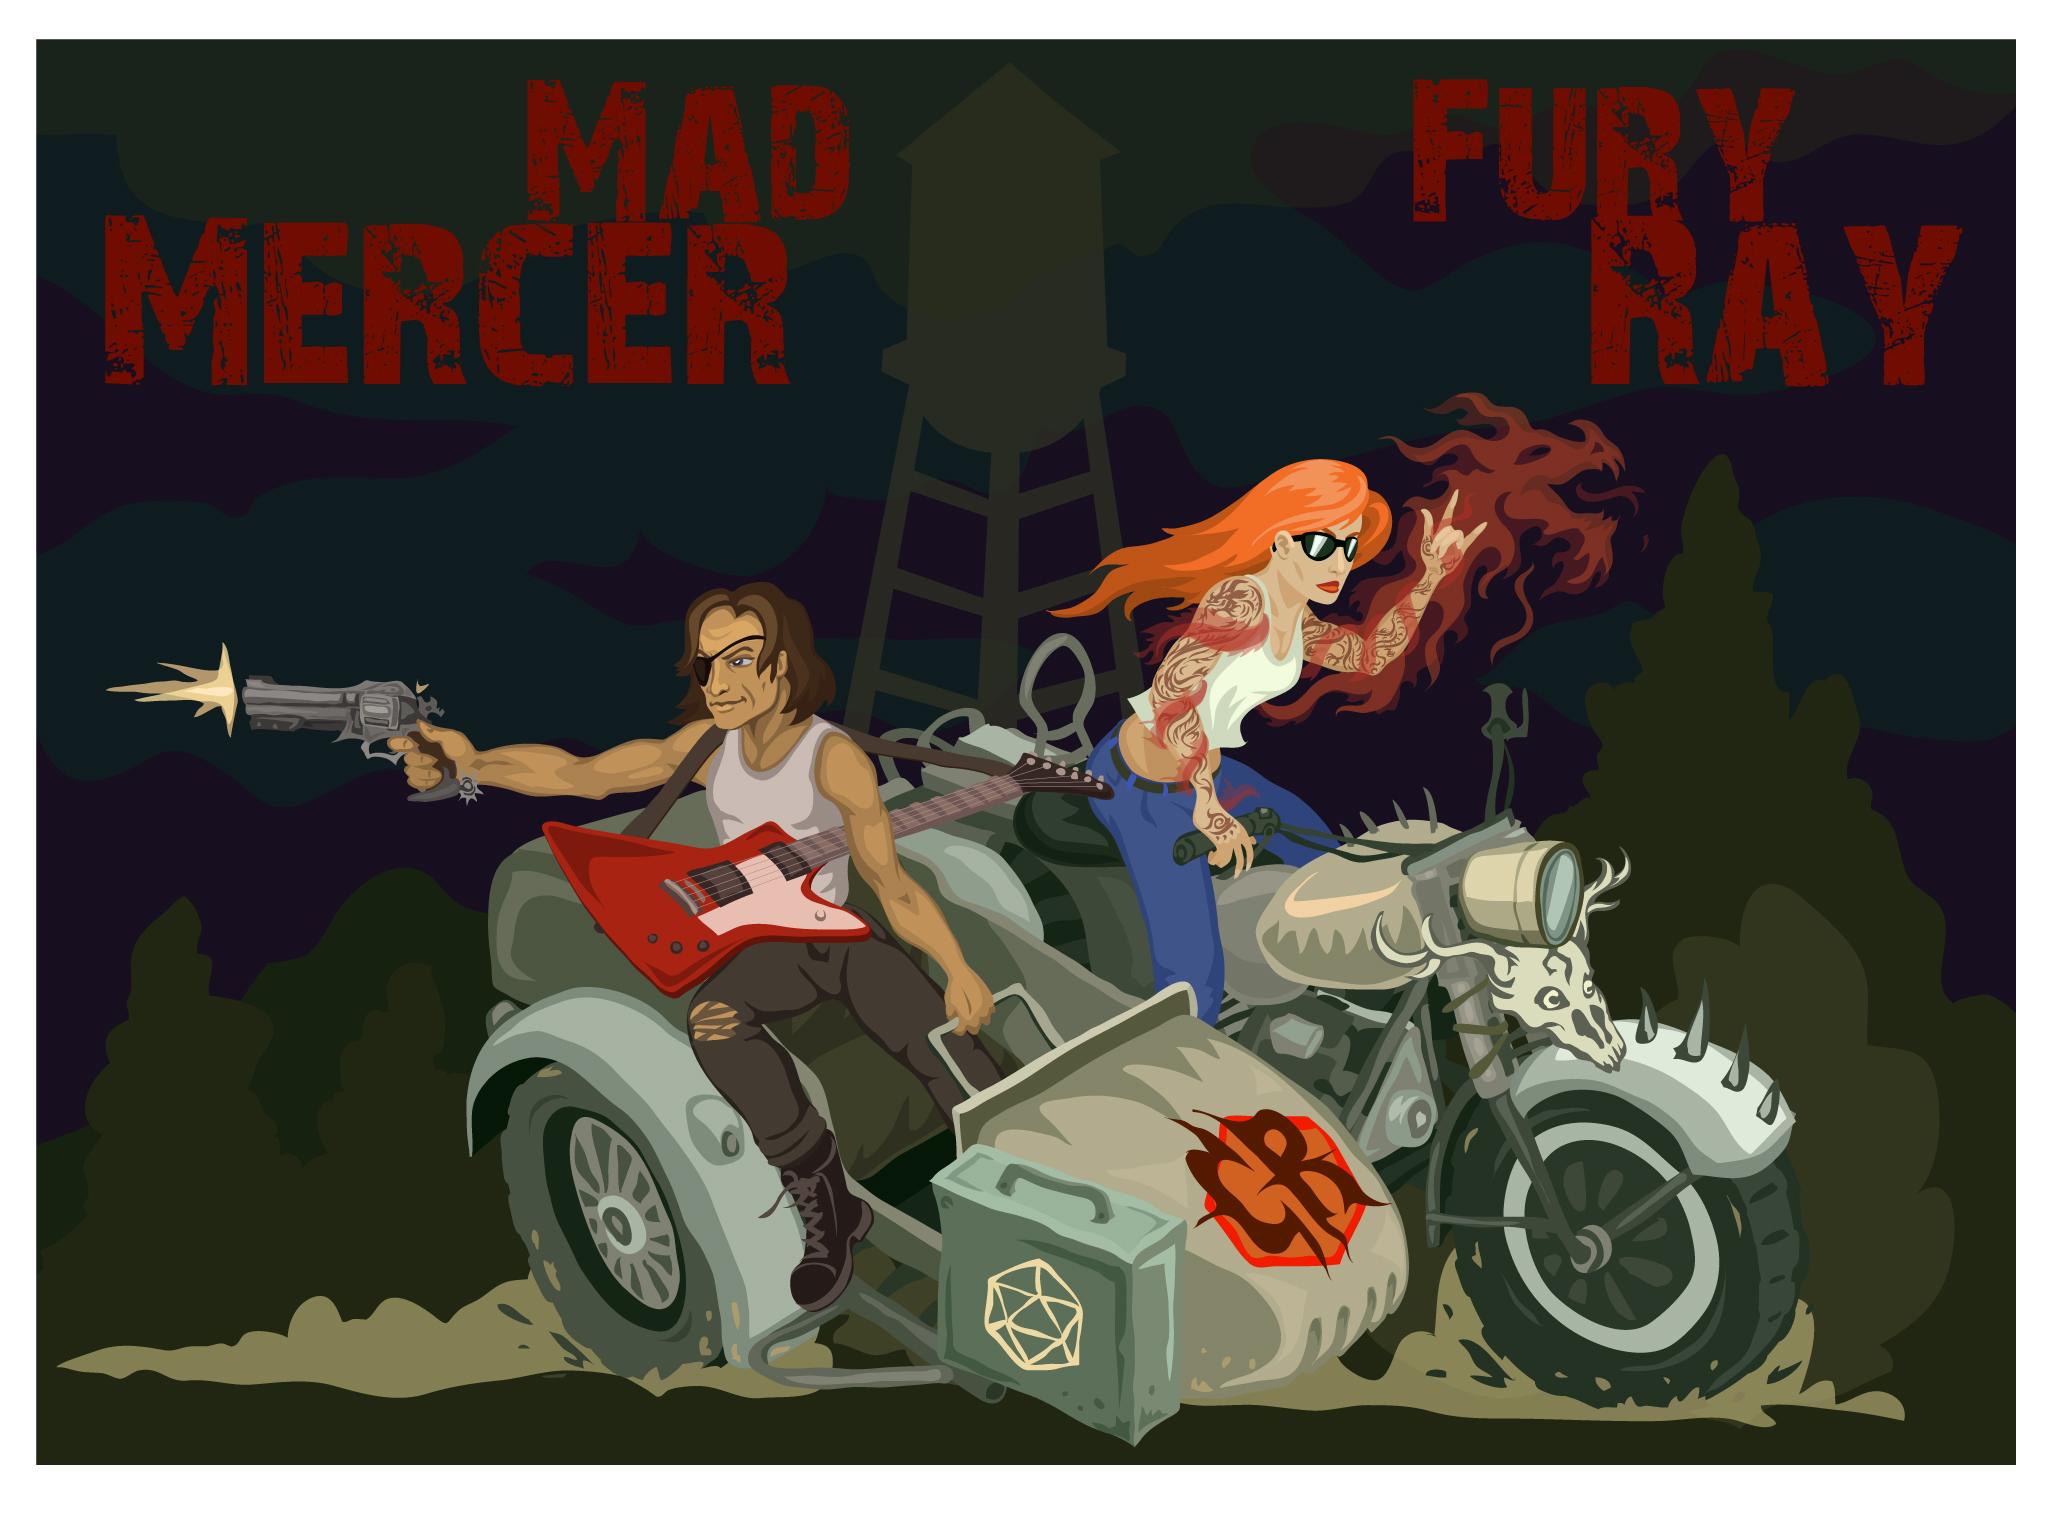 Mad Mercer: Fury Ray